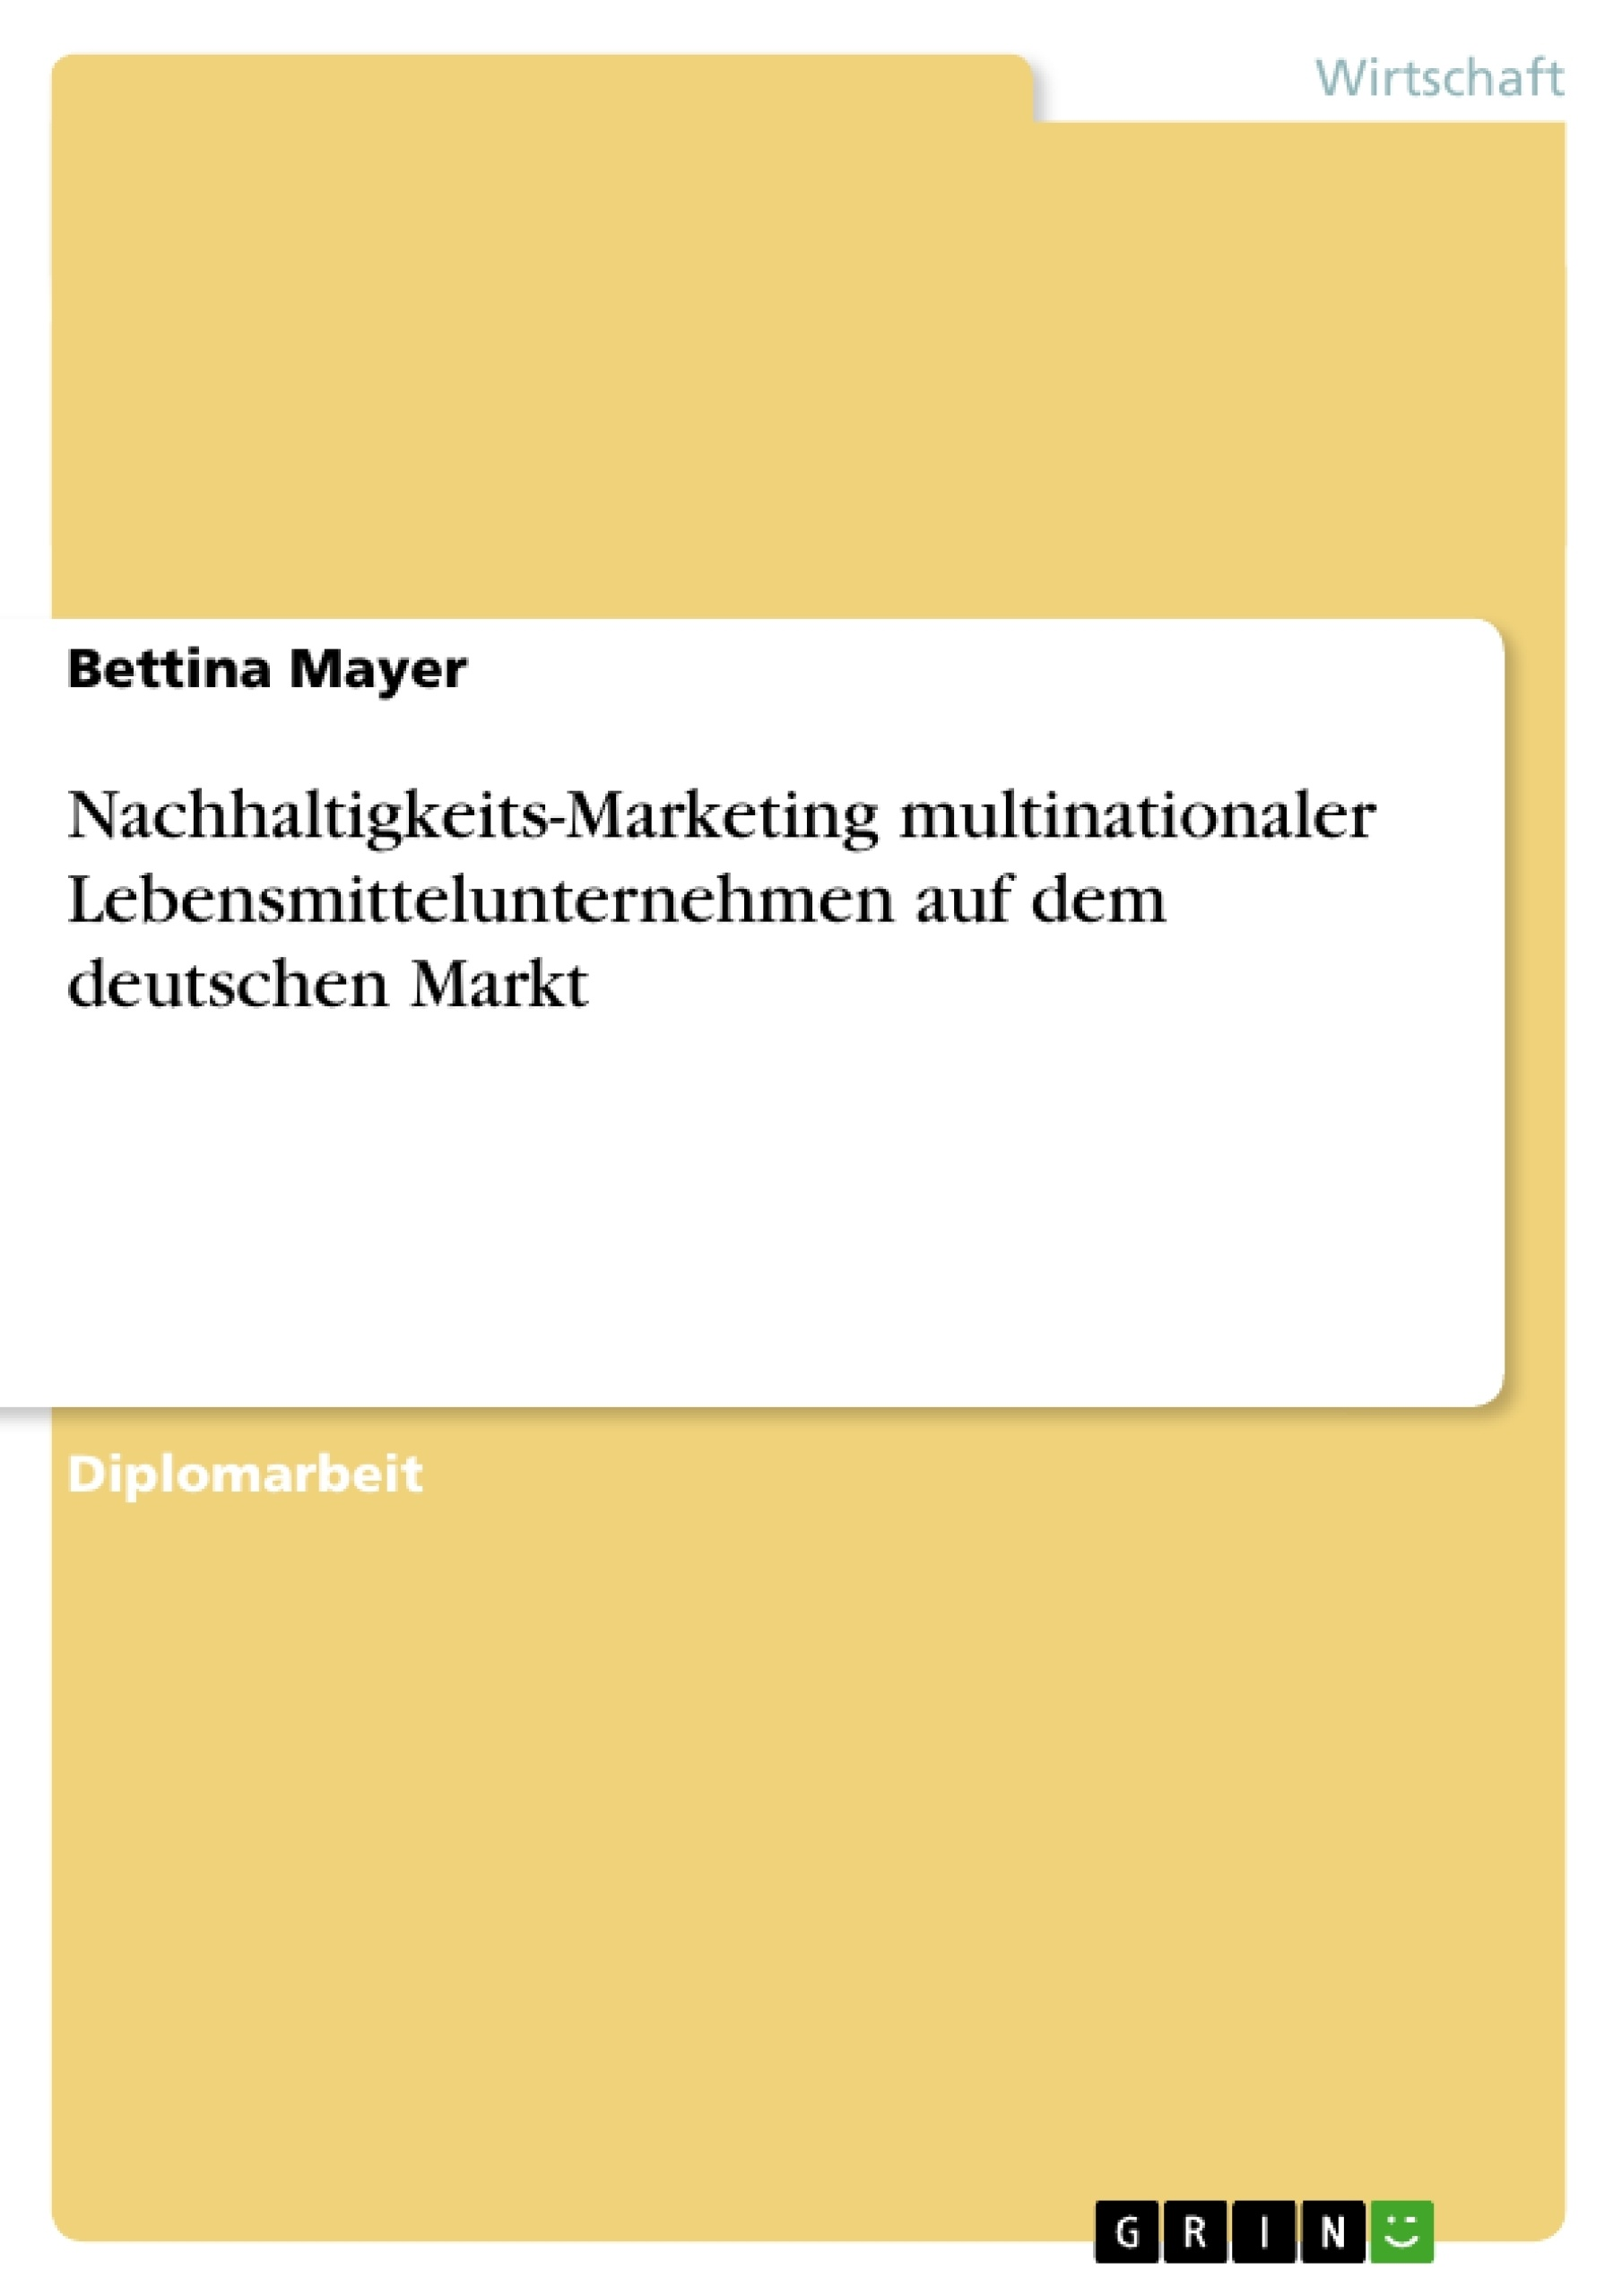 Titel: Nachhaltigkeits-Marketing multinationaler Lebensmittelunternehmen auf dem deutschen Markt